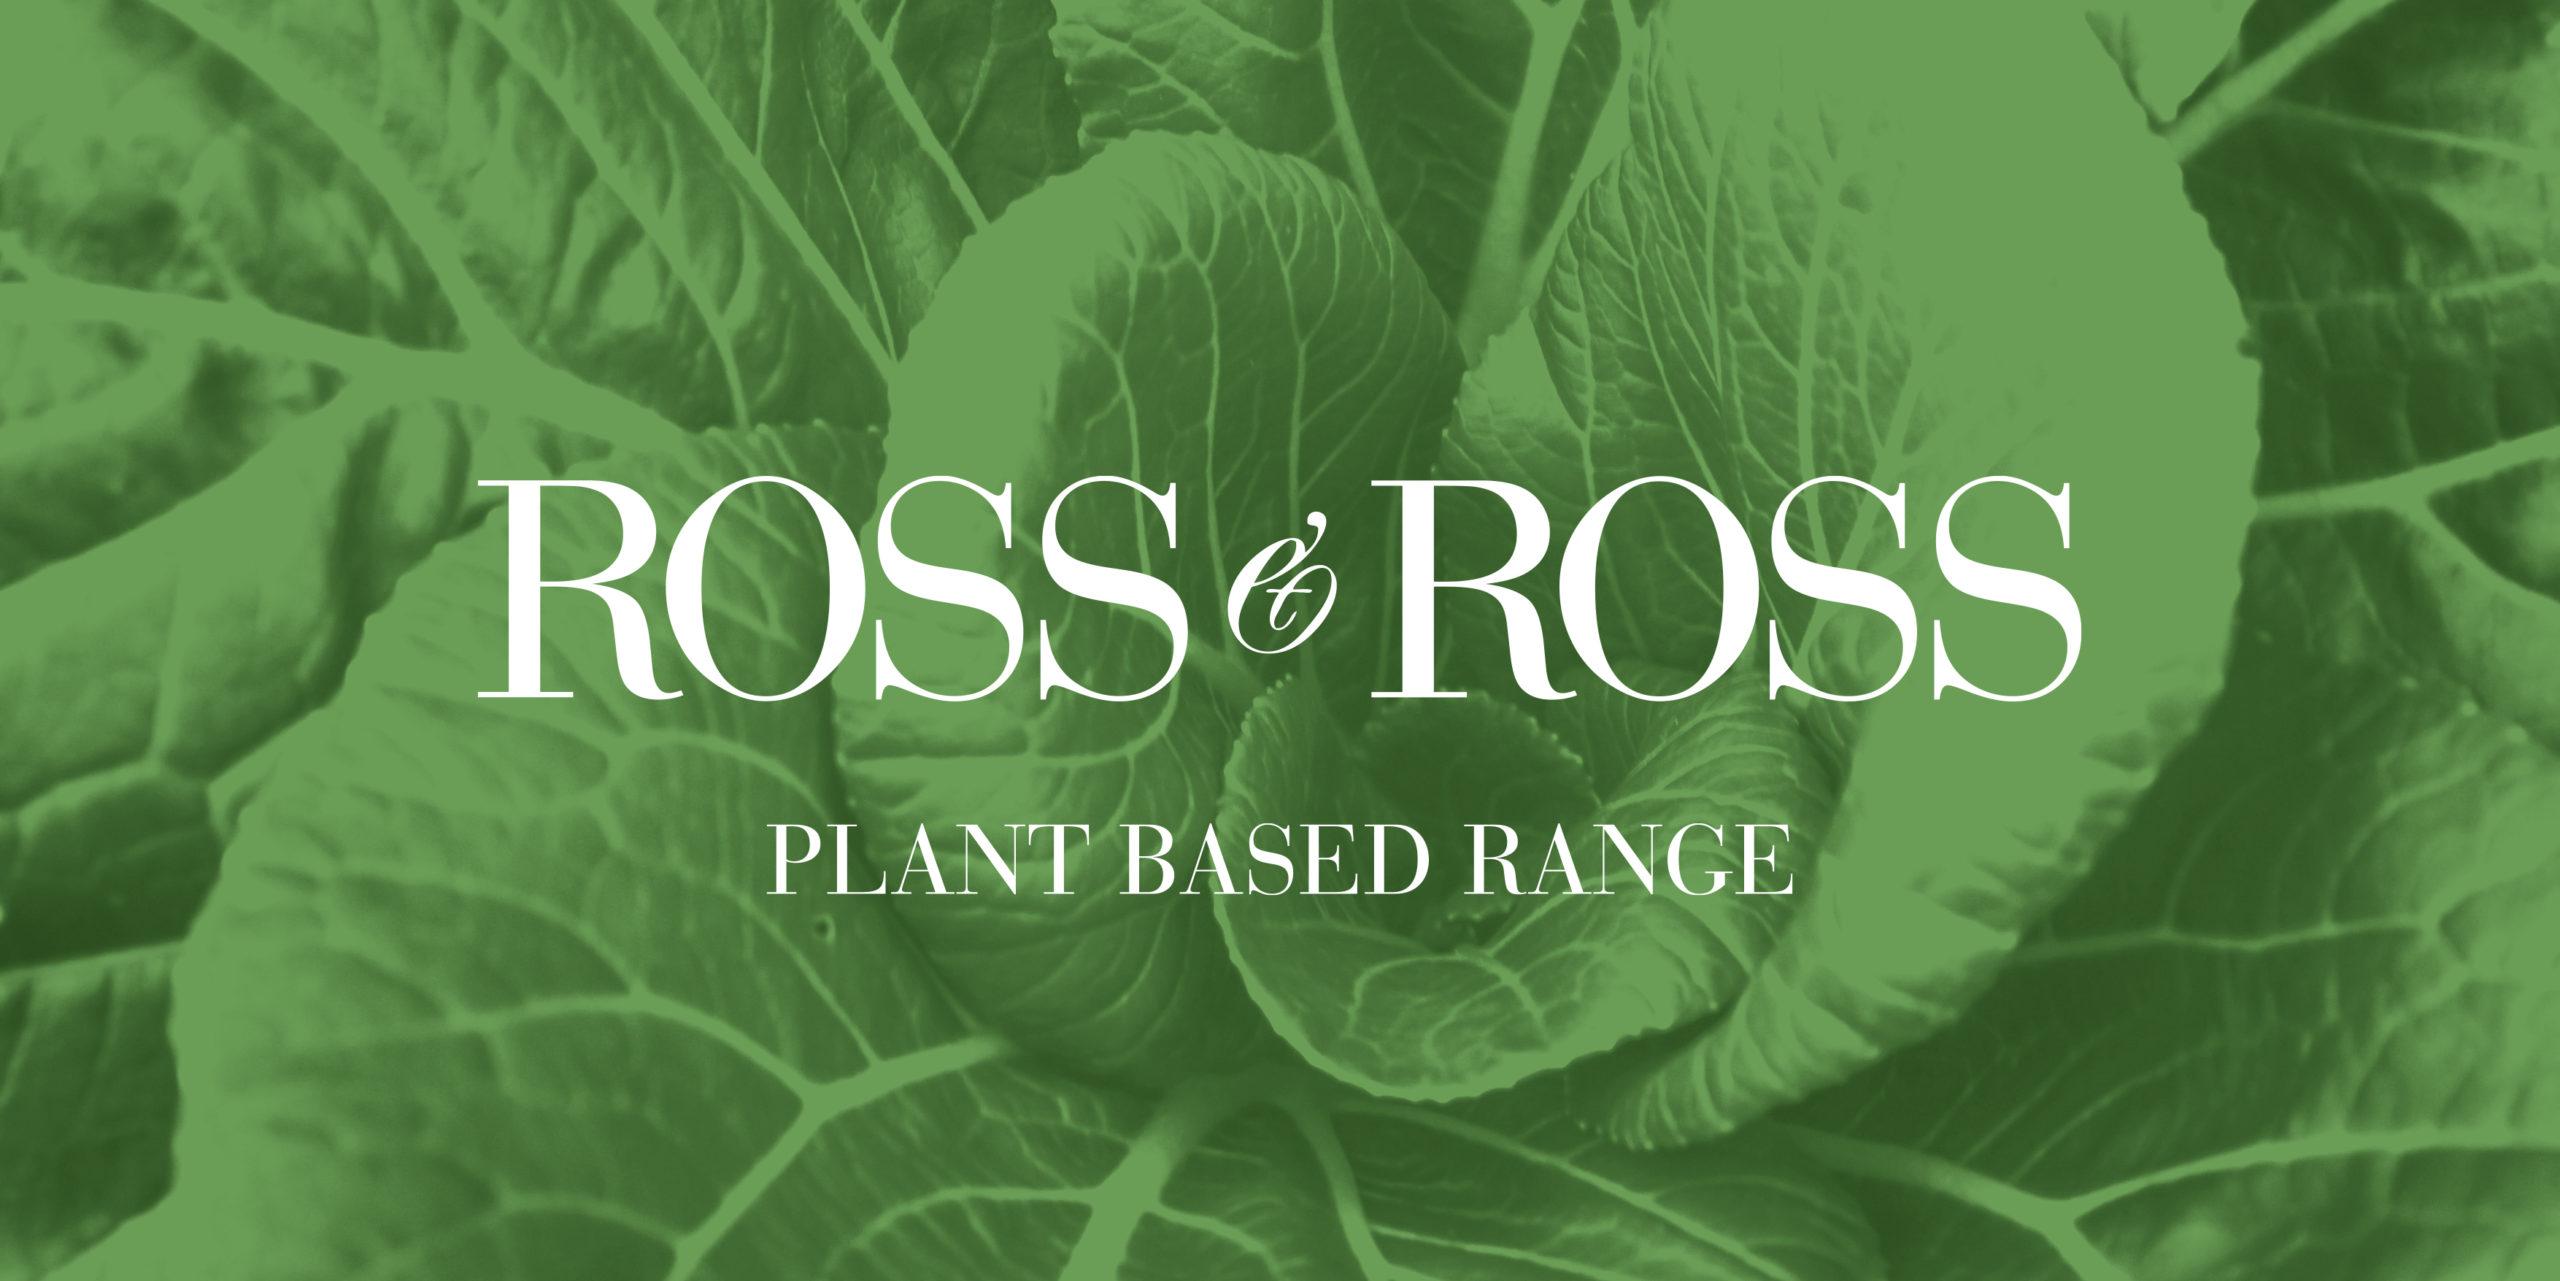 Ross & Ross Vegan Range Vegan Branding